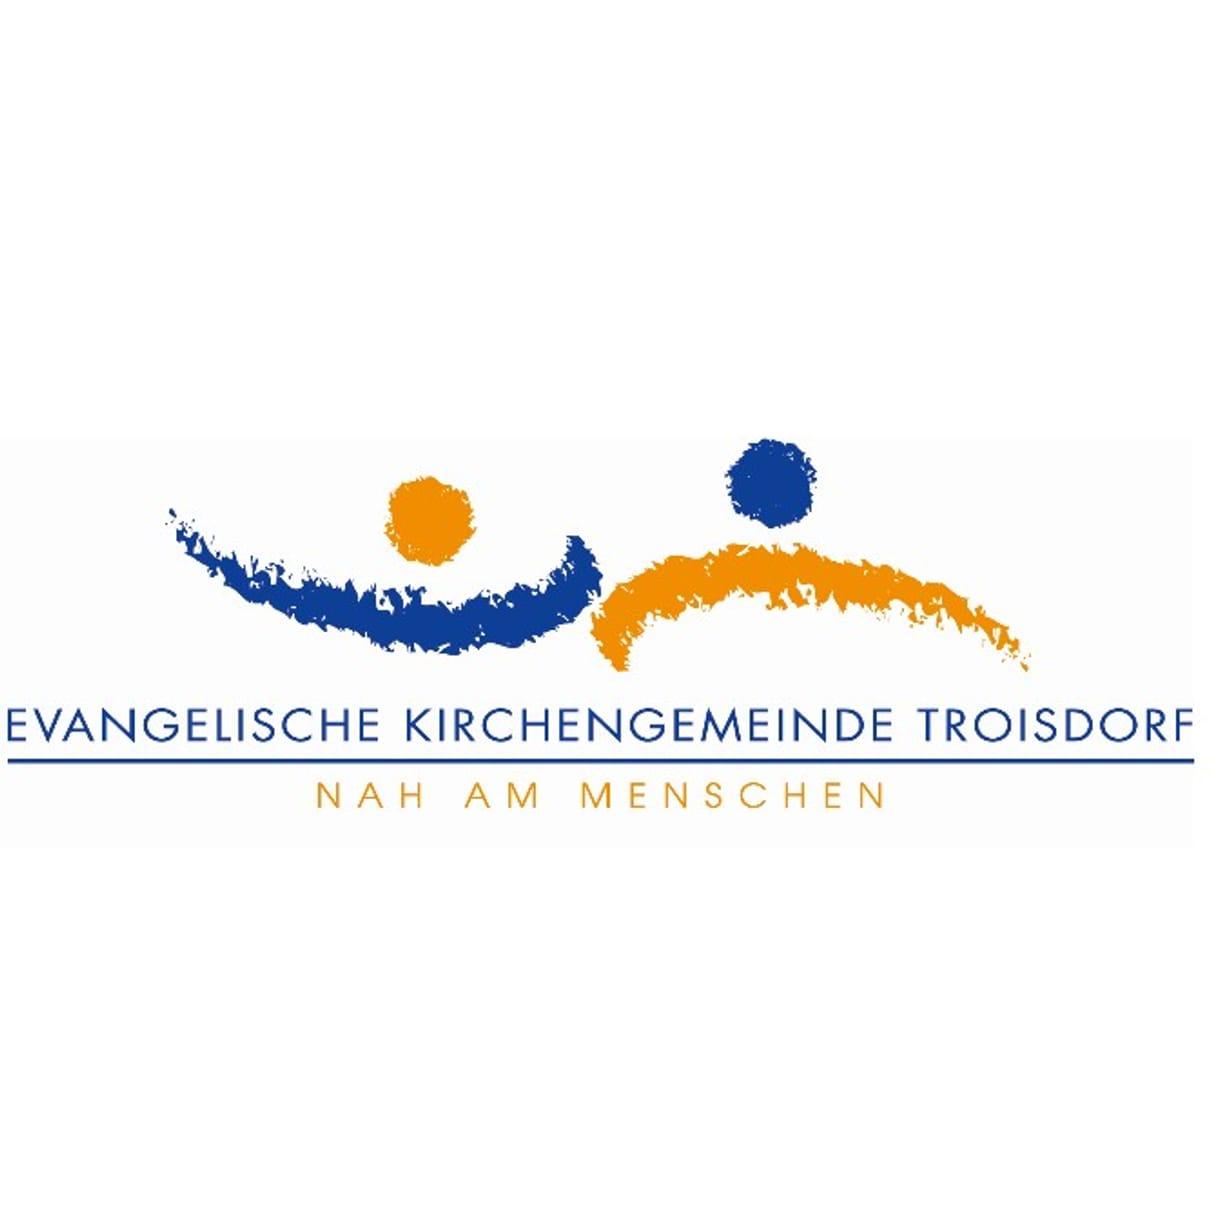 Evangelische Kirchengemeinde Troisdorf